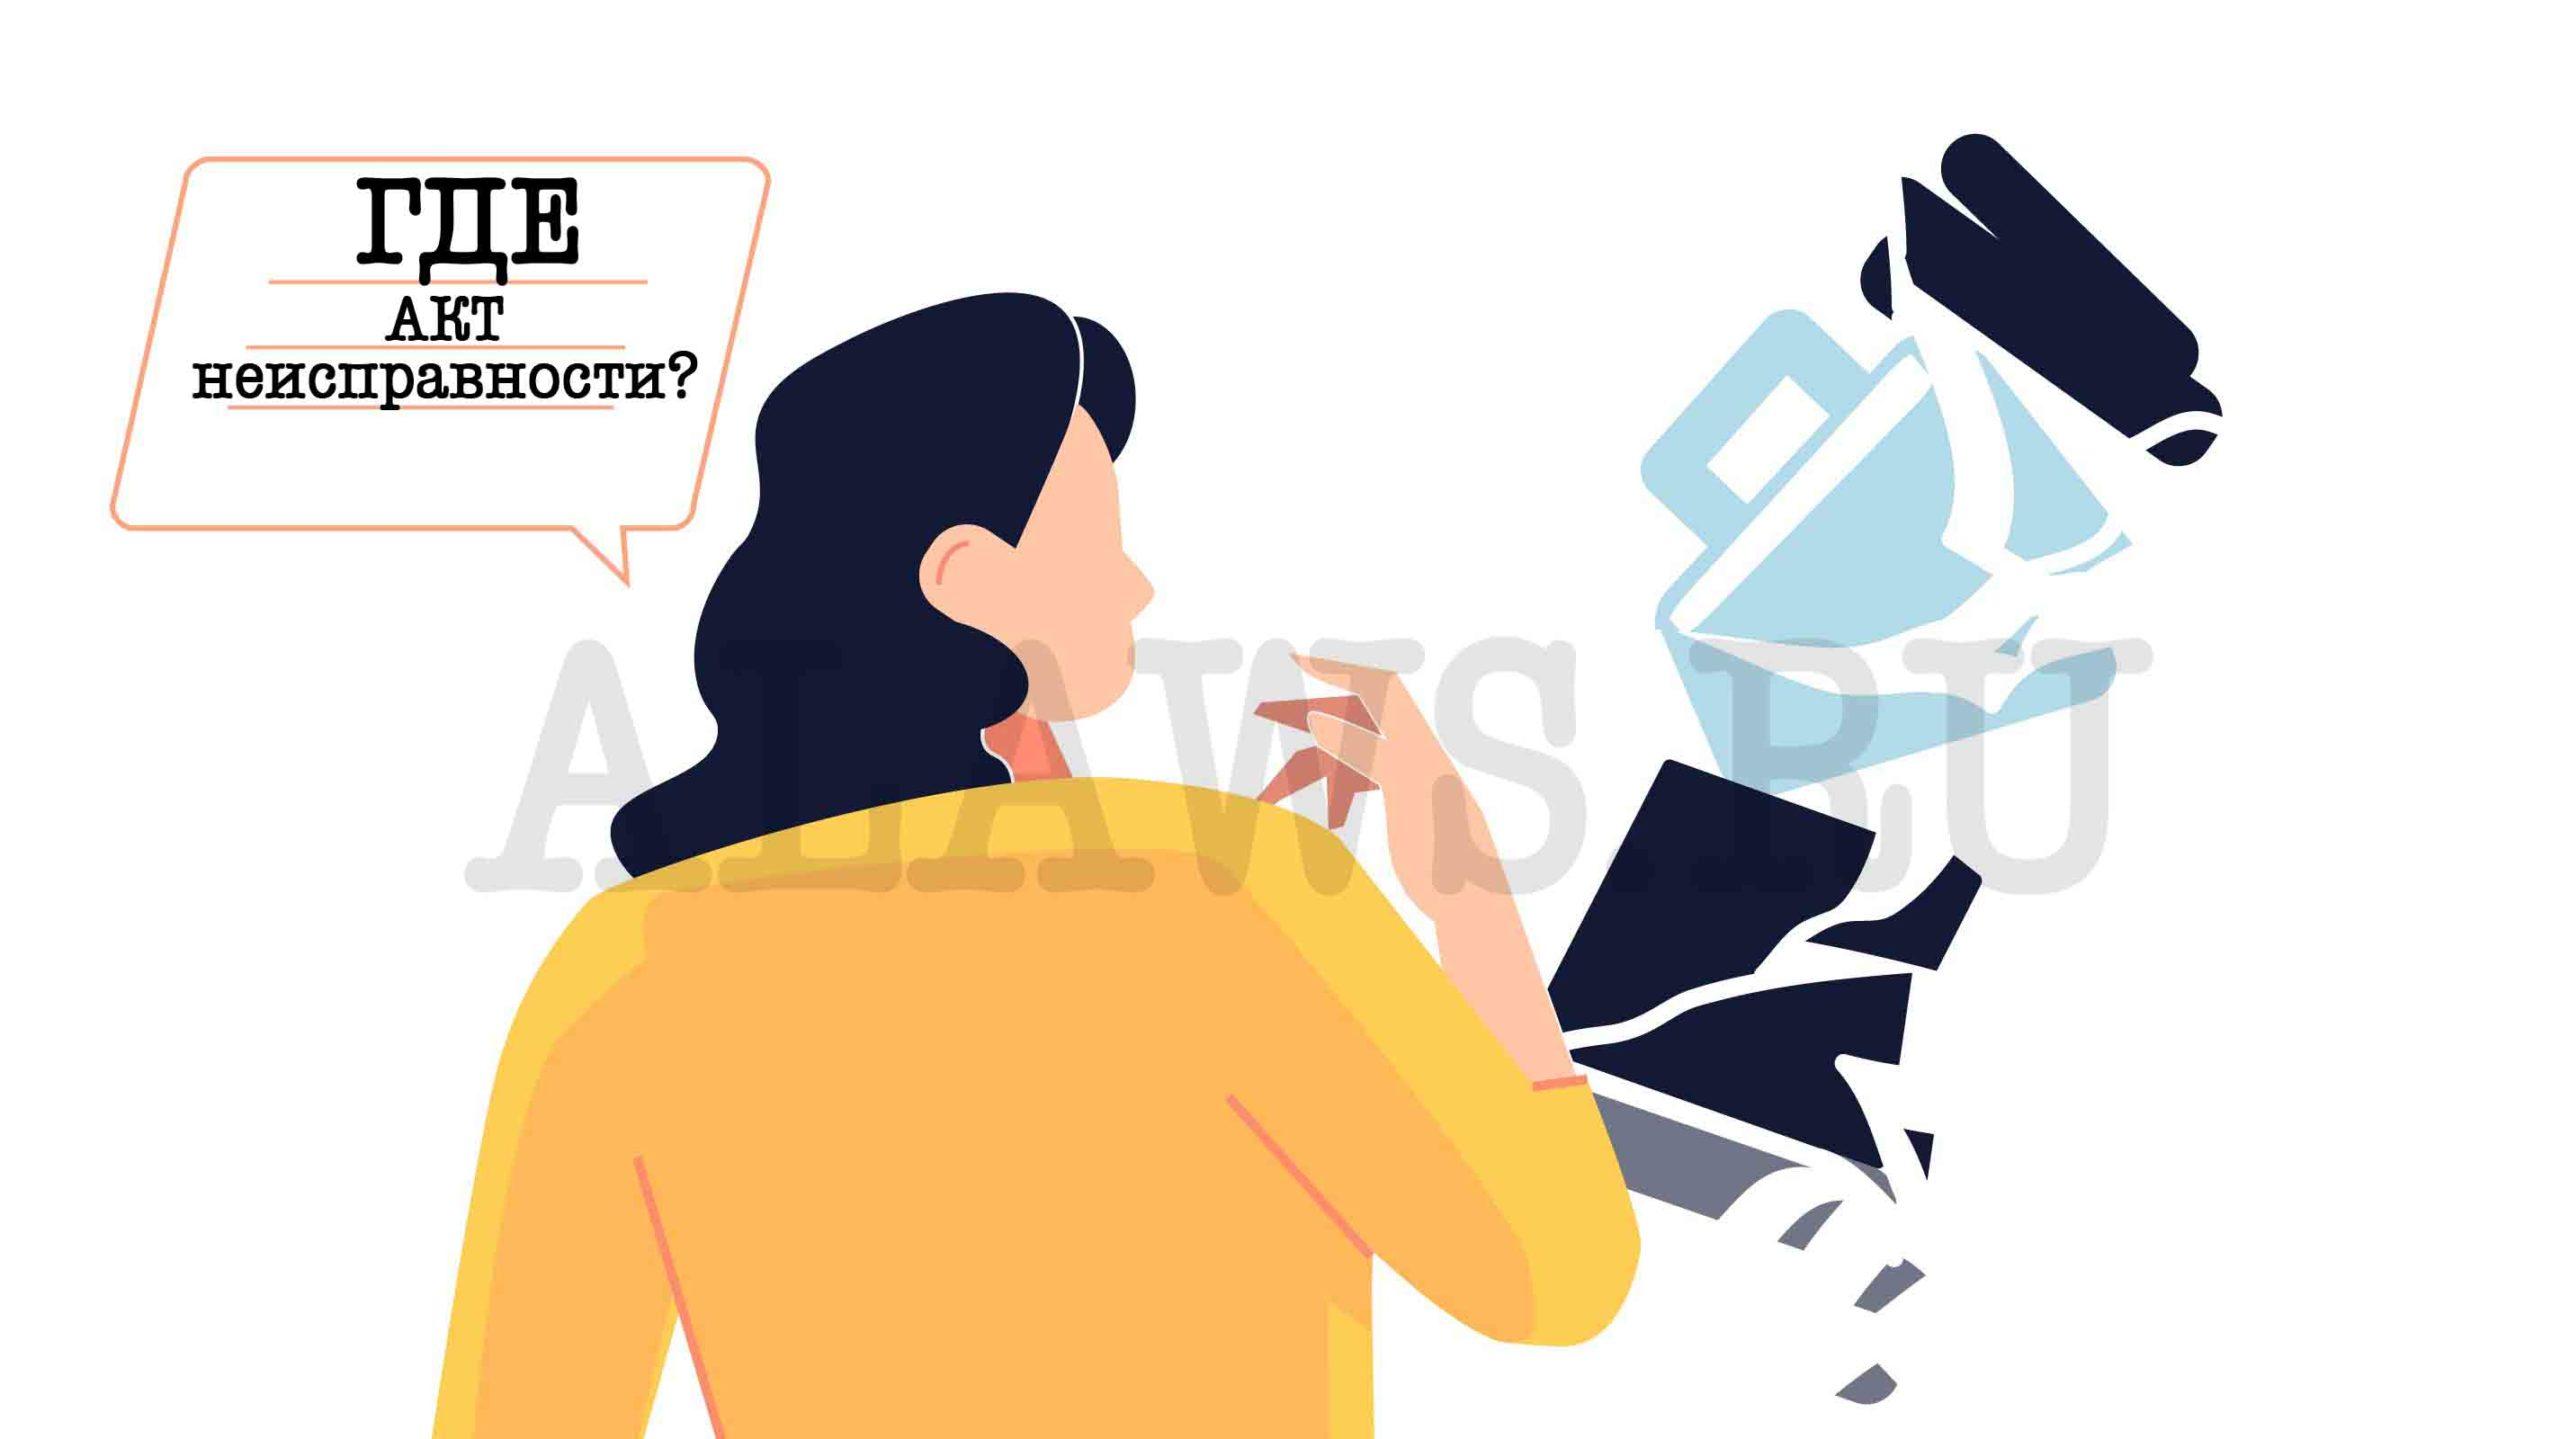 Иллюстрация - Акт неисправности